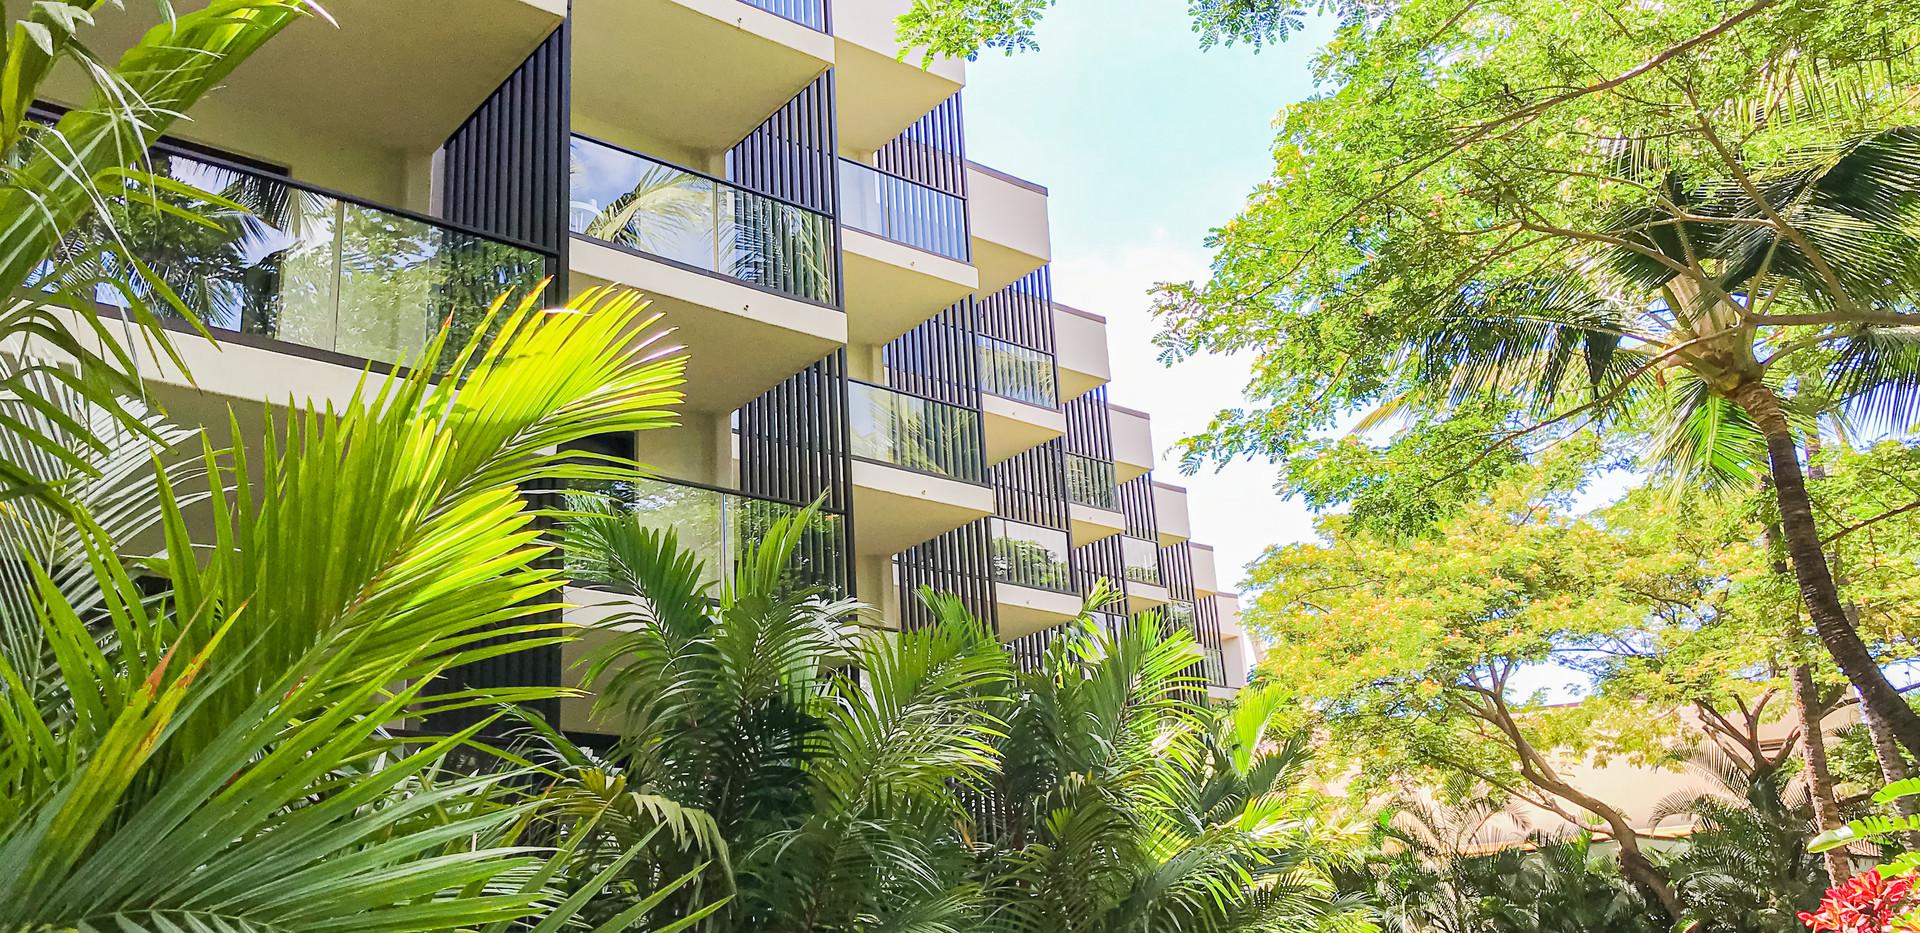 Building Facades Services Hawwai | EcoShade